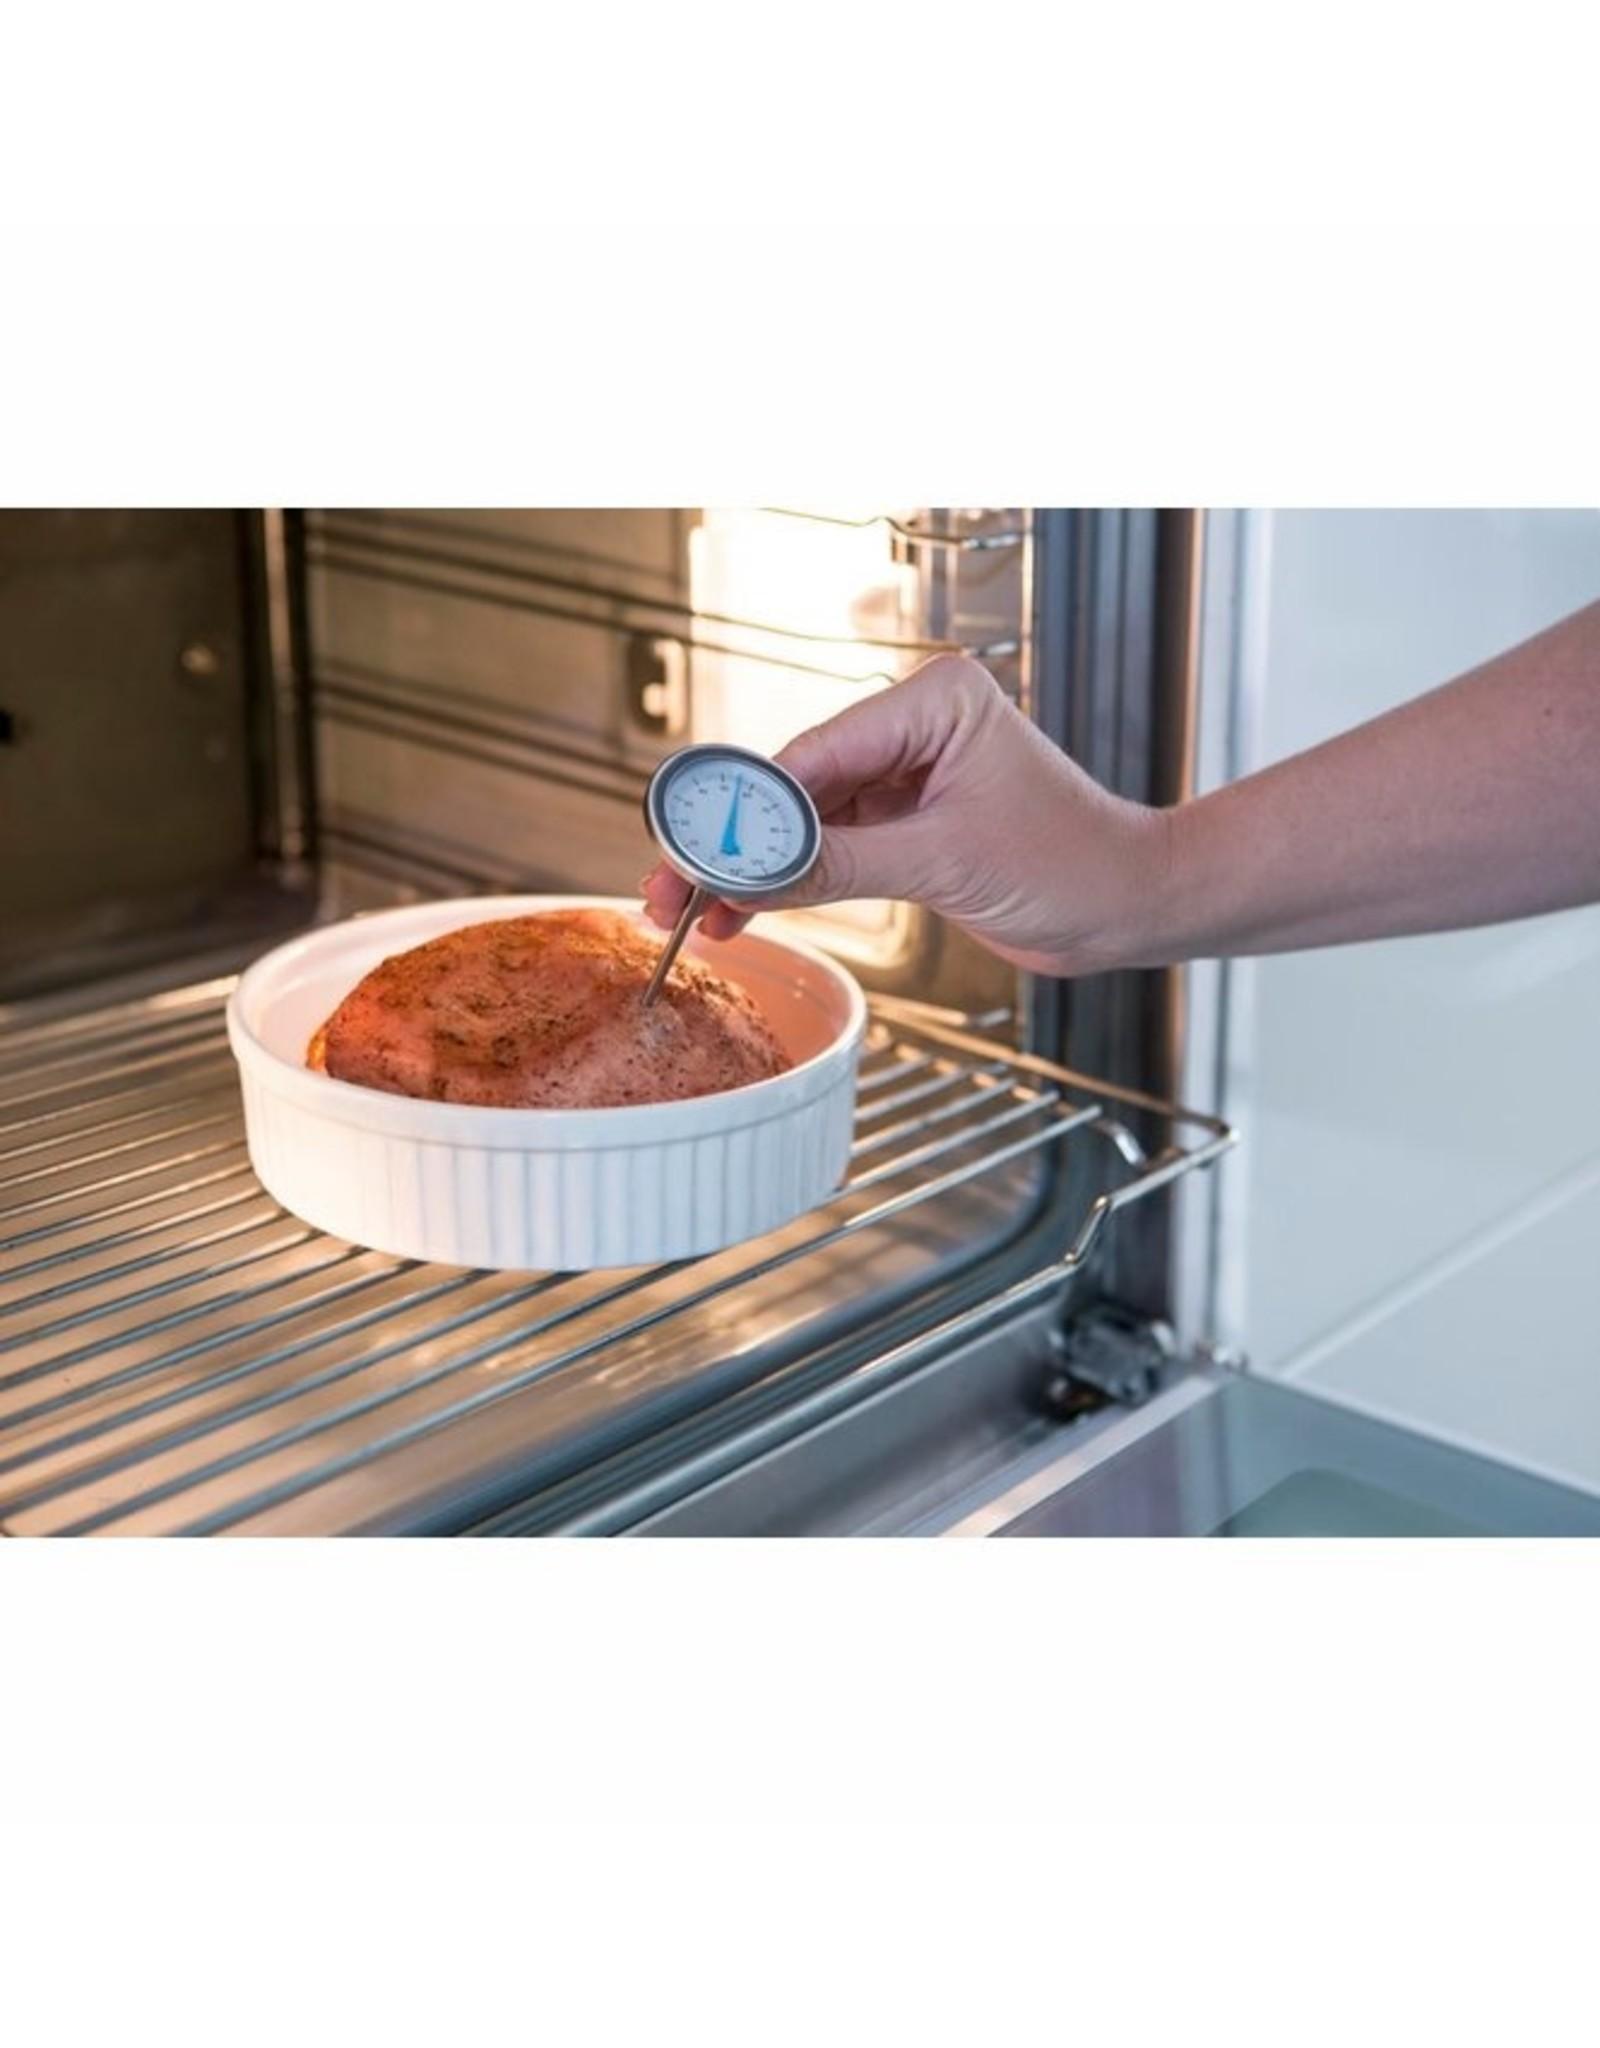 BK vleesthermometer